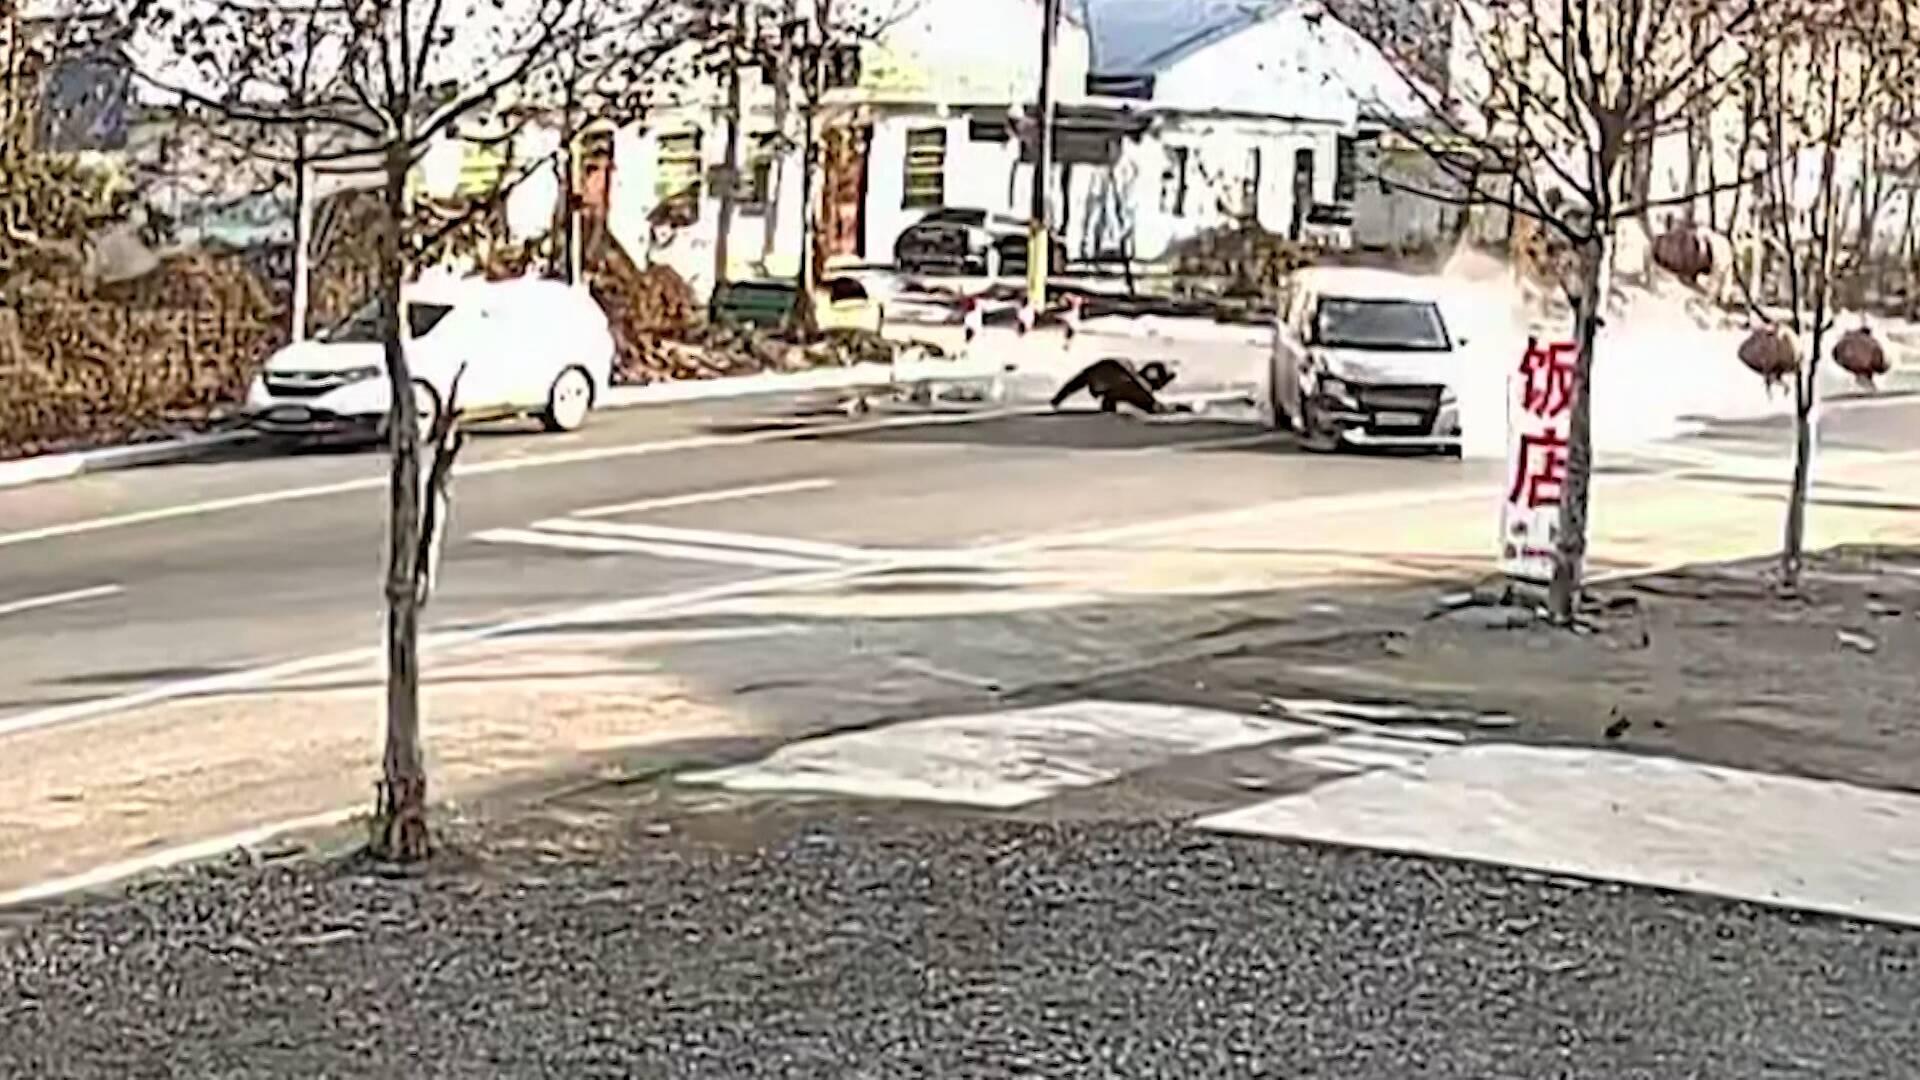 临沂:老人被撞飞十多米当场死亡 16周岁肇事司机逃逸